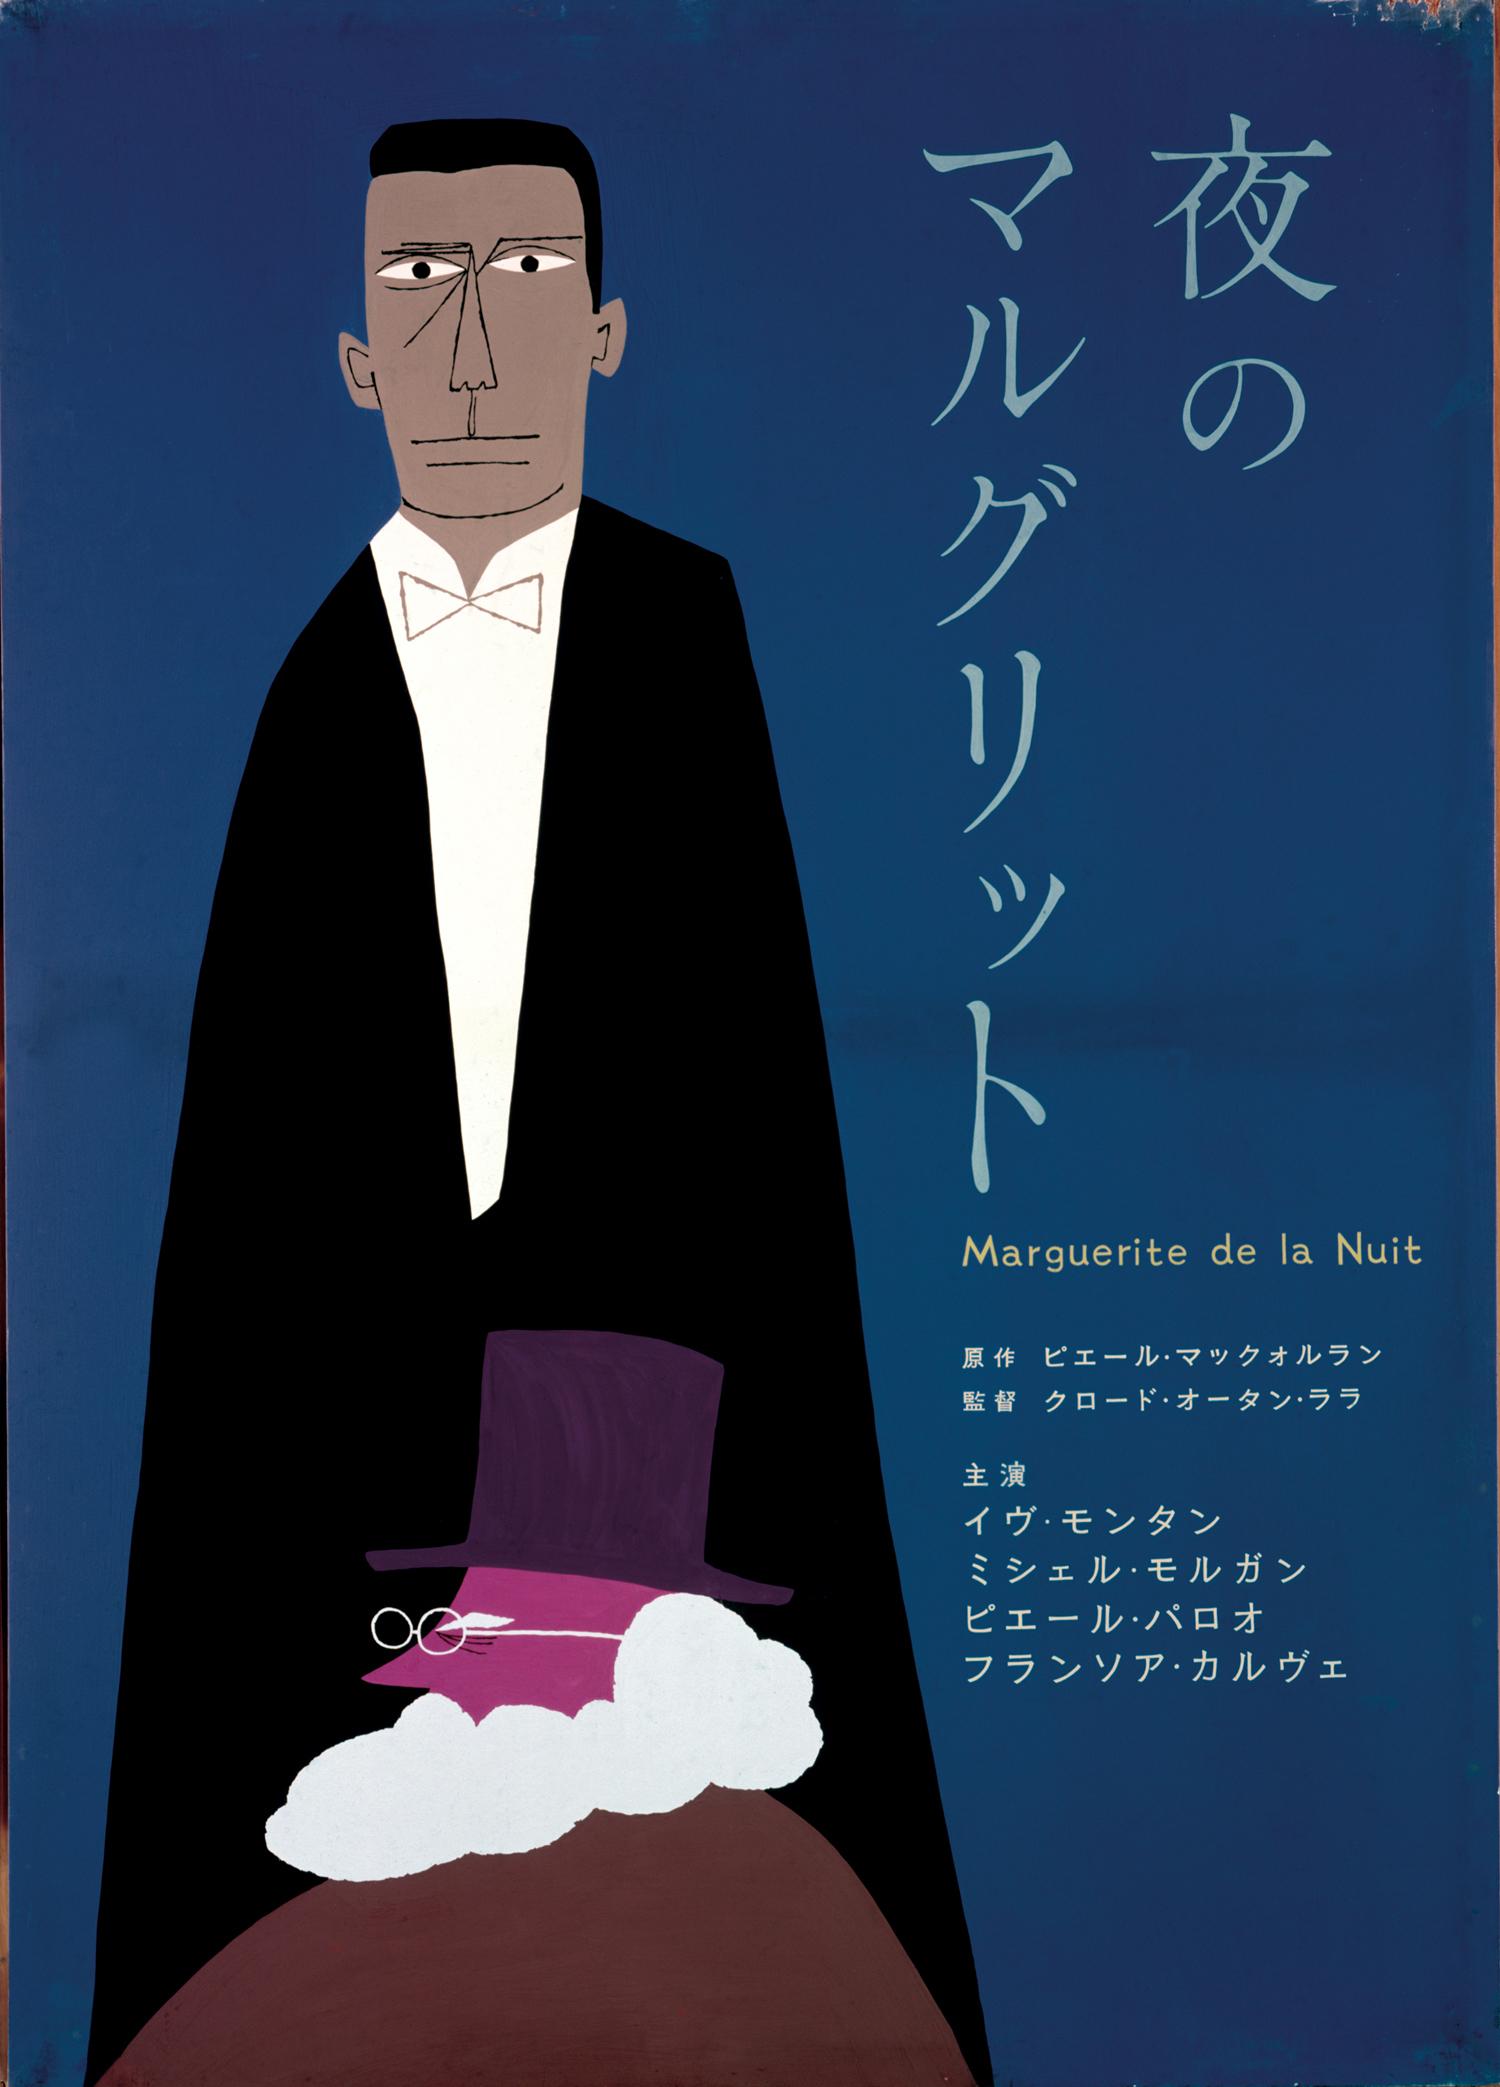 日宣美賞を受賞した、和田誠の「夜のマルグリット」ポスター〈1957年〉